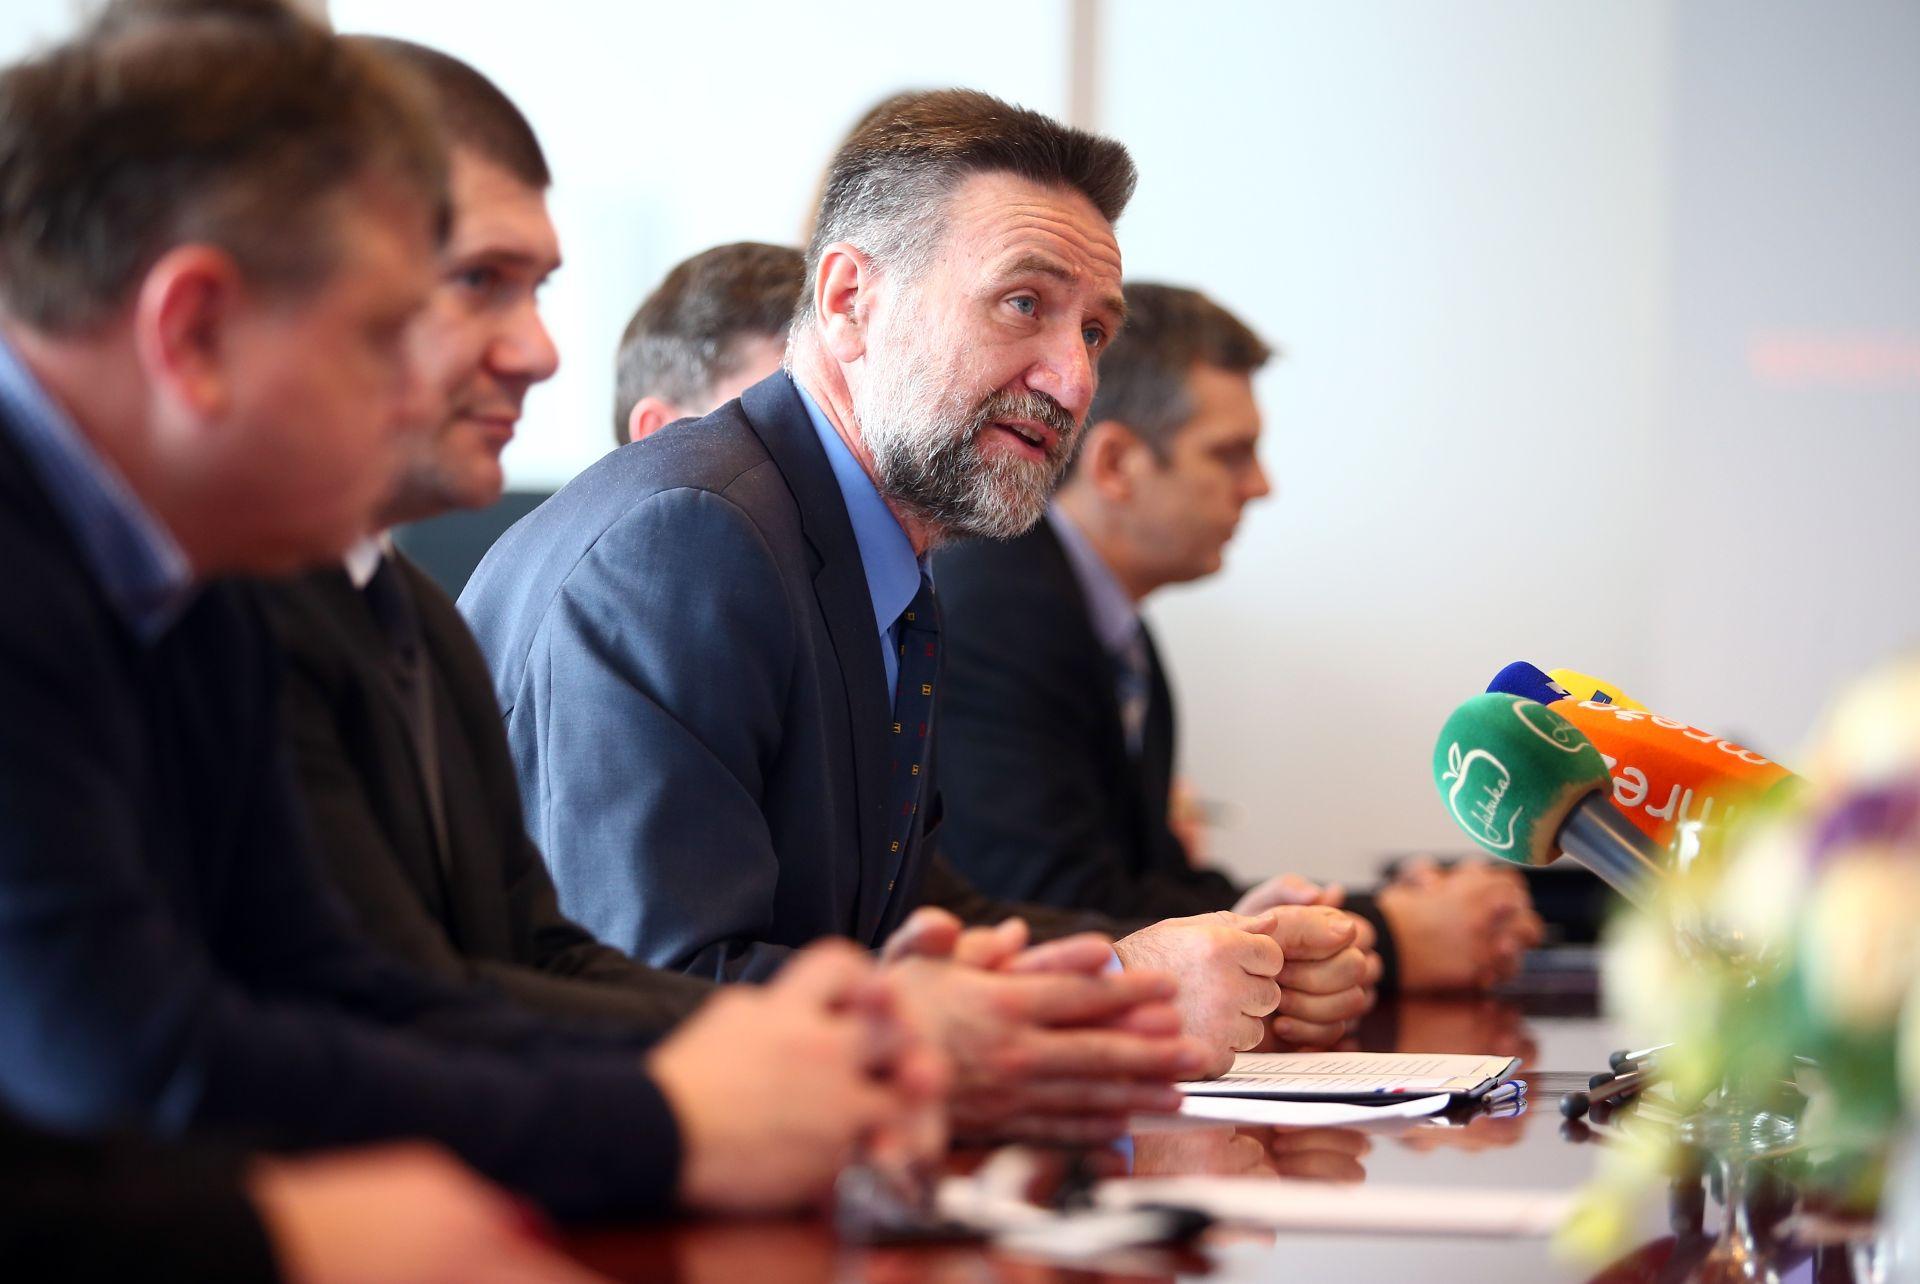 AFERA PLAGIJAT: Nakon Đikićeva pisma, Radman i Vukičević ponovno poduprli ministra Barišića